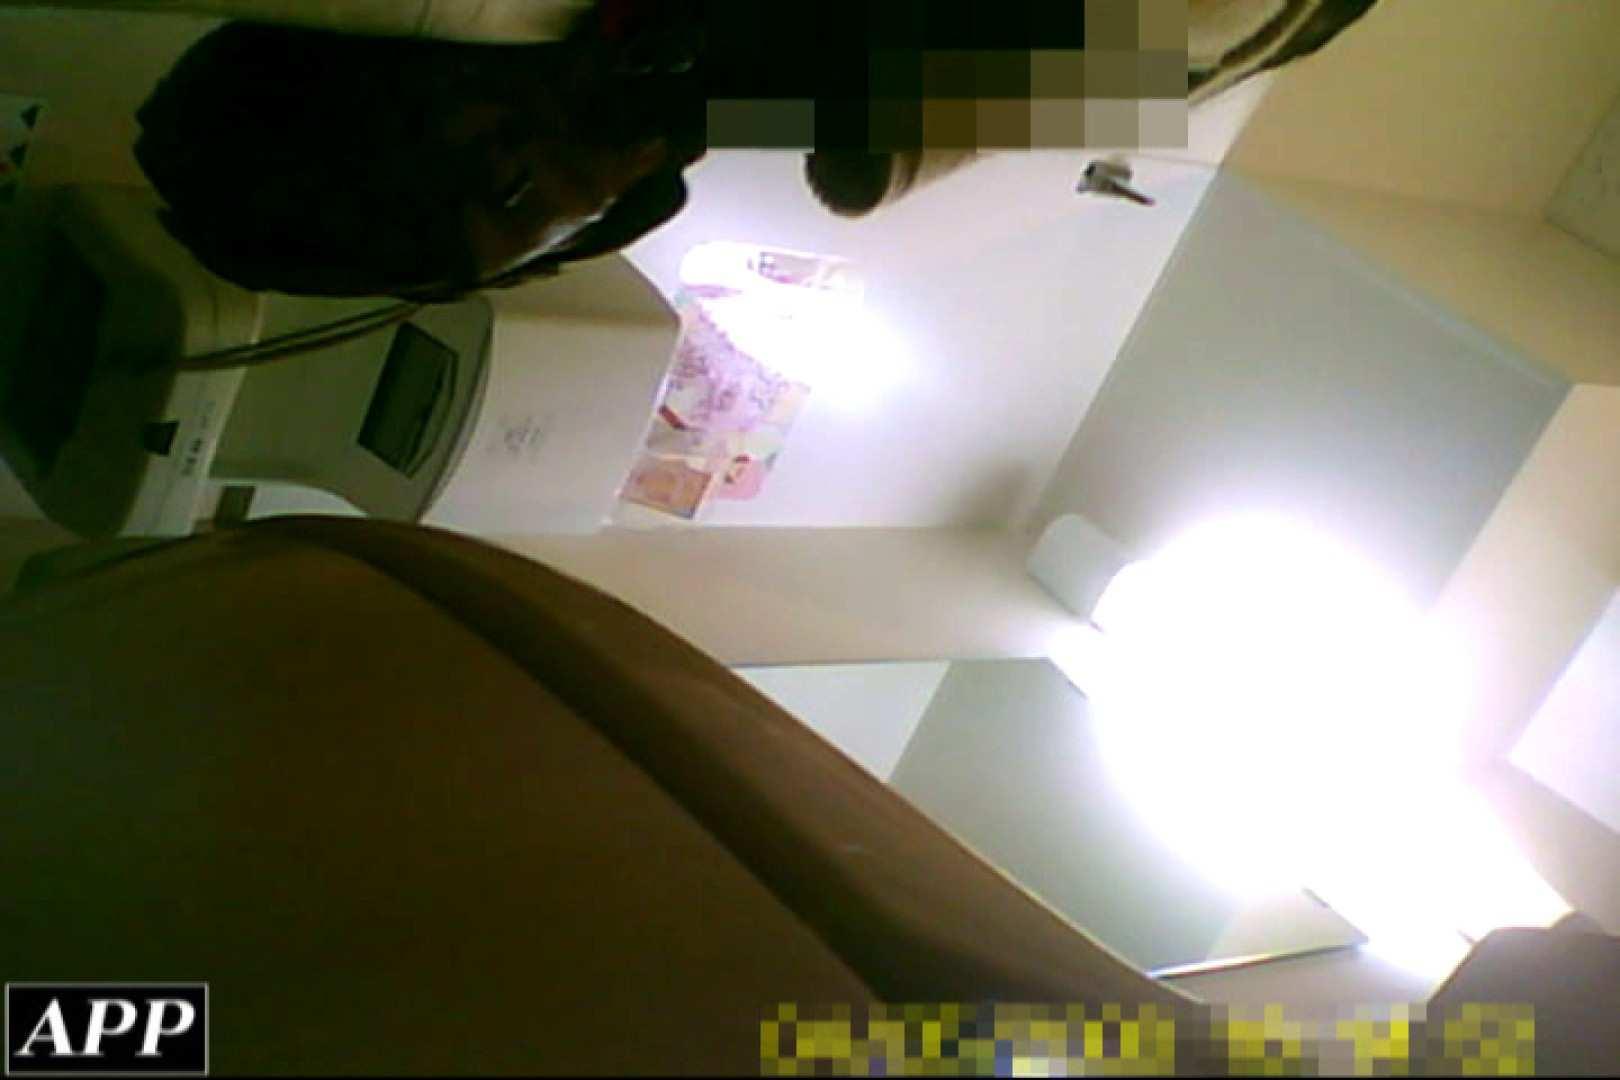 3視点洗面所 vol.042 OLの実態  80pic 28